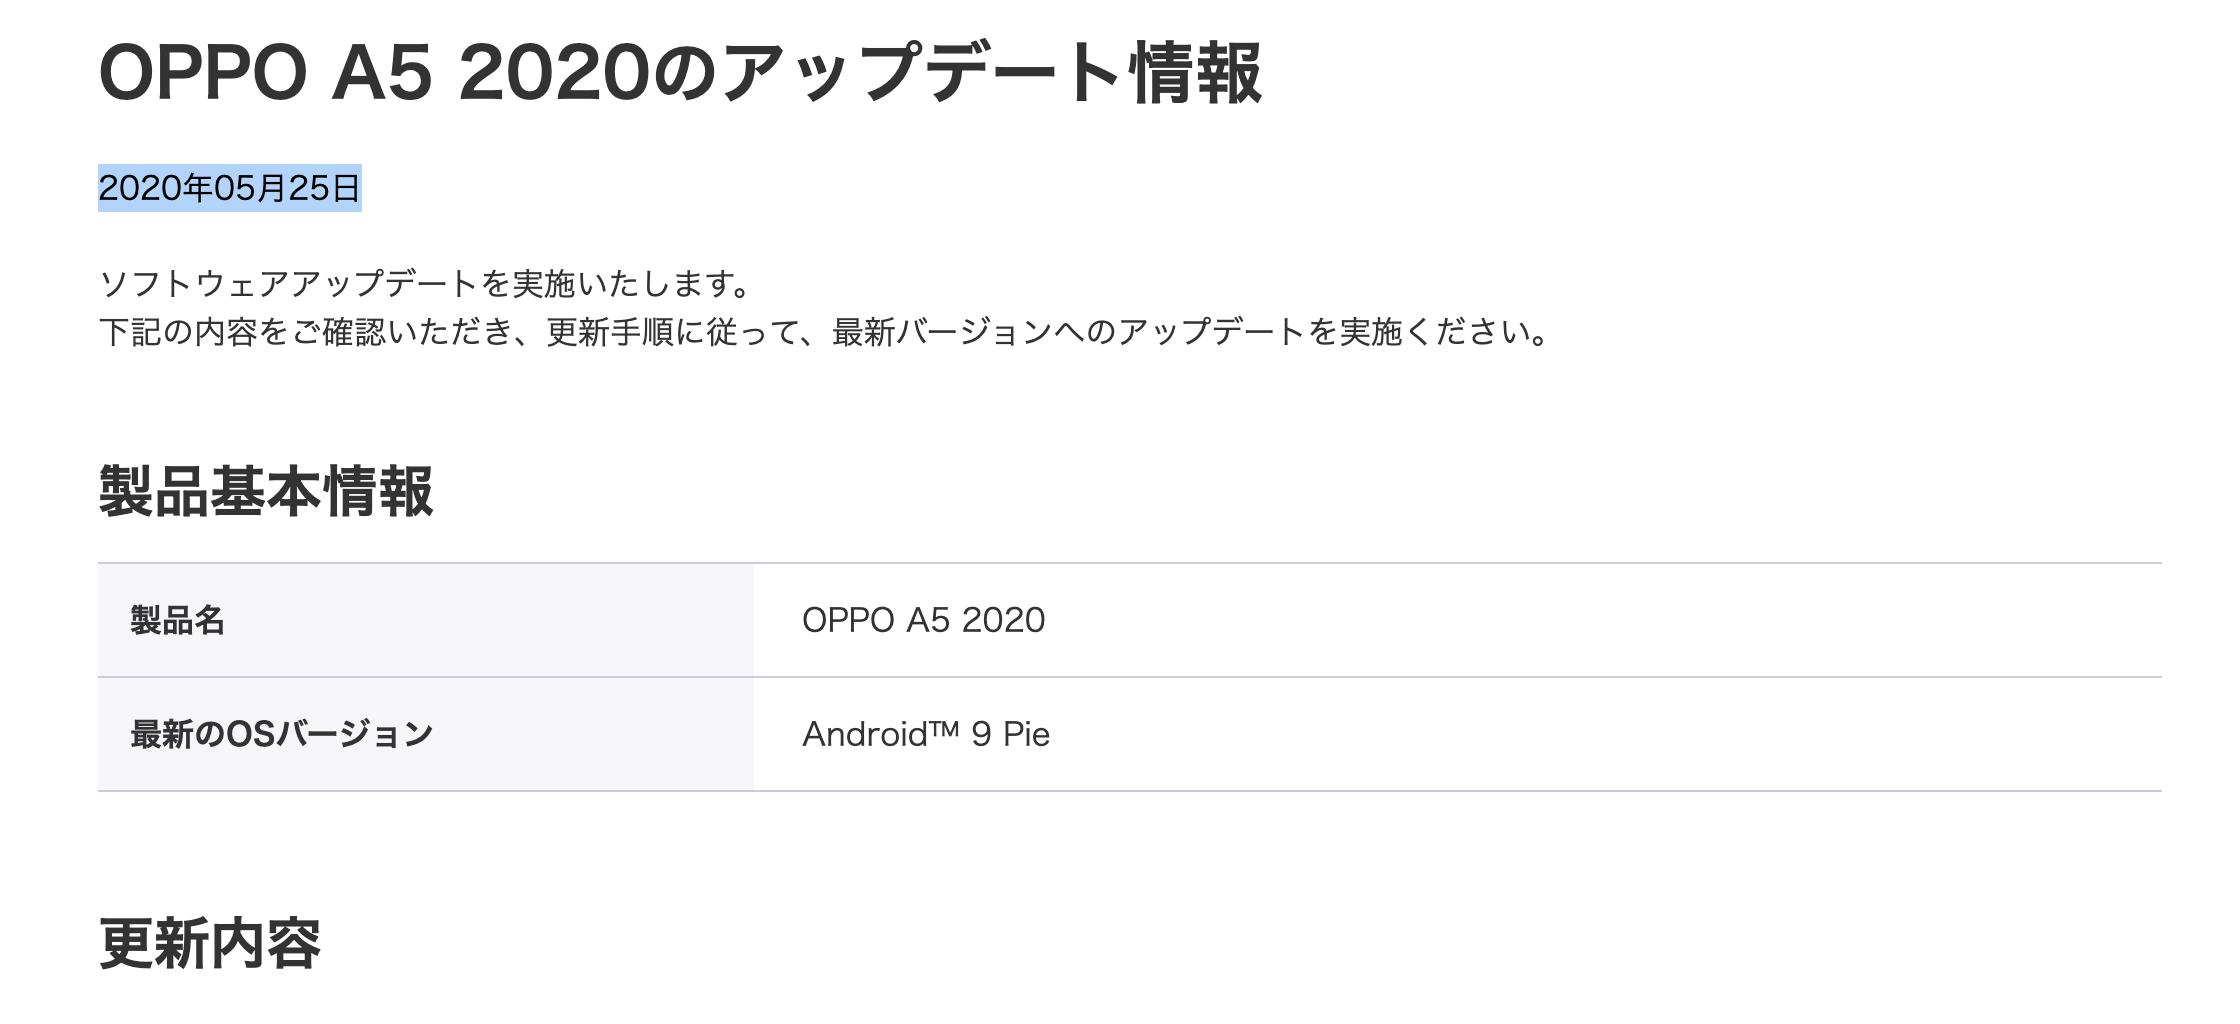 f:id:Azusa_Hirano:20200917110417p:plain